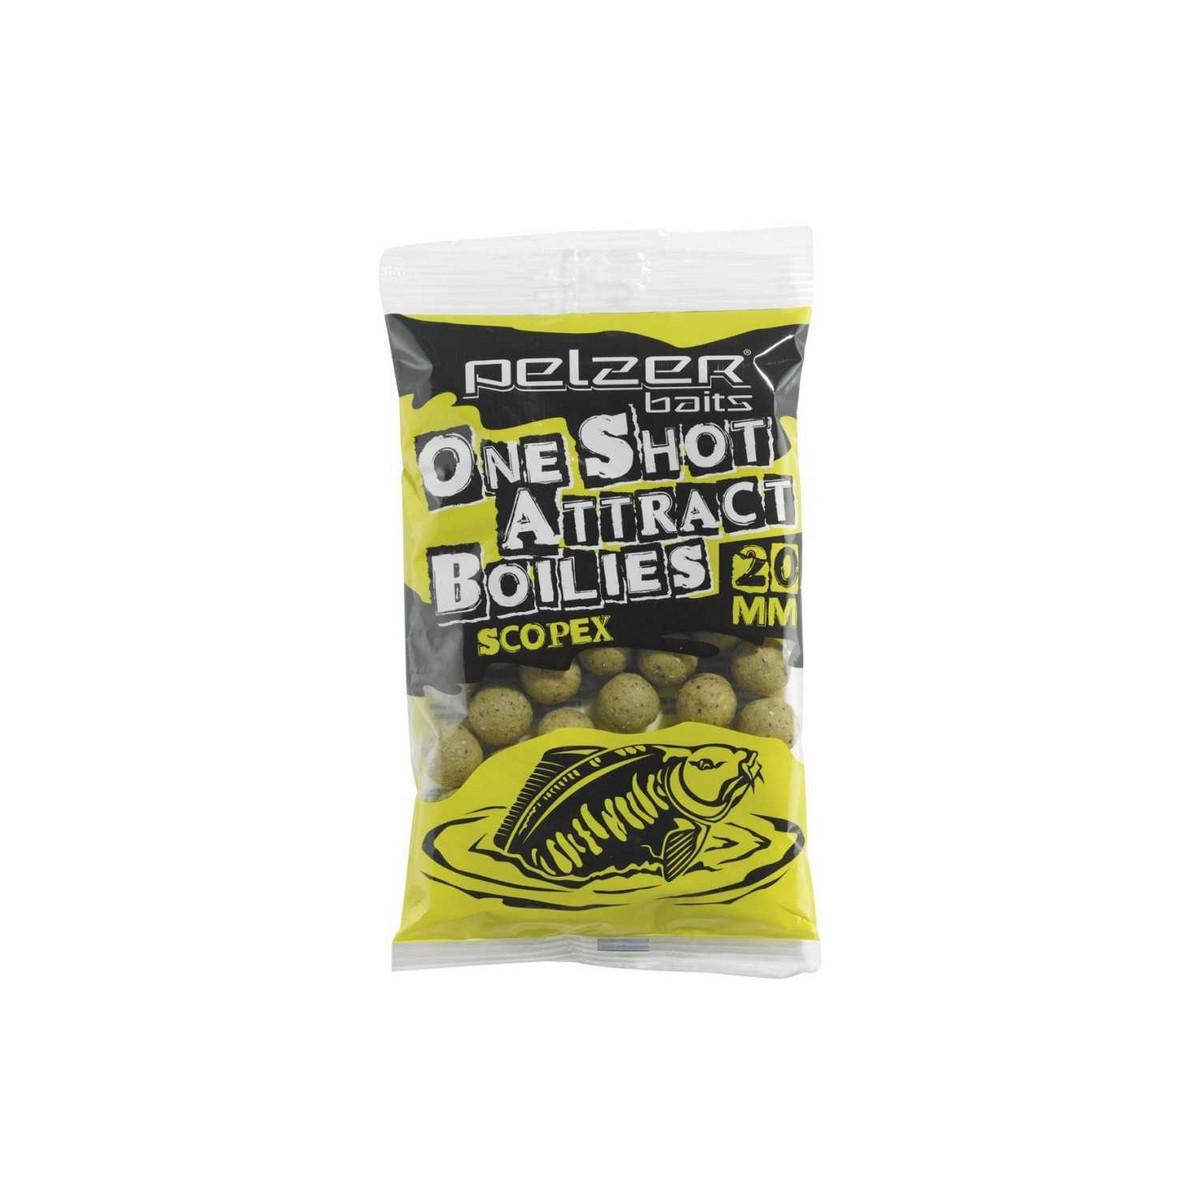 Pelzer One Shot Attract Boilies - протеинови топчета, скопекс 1